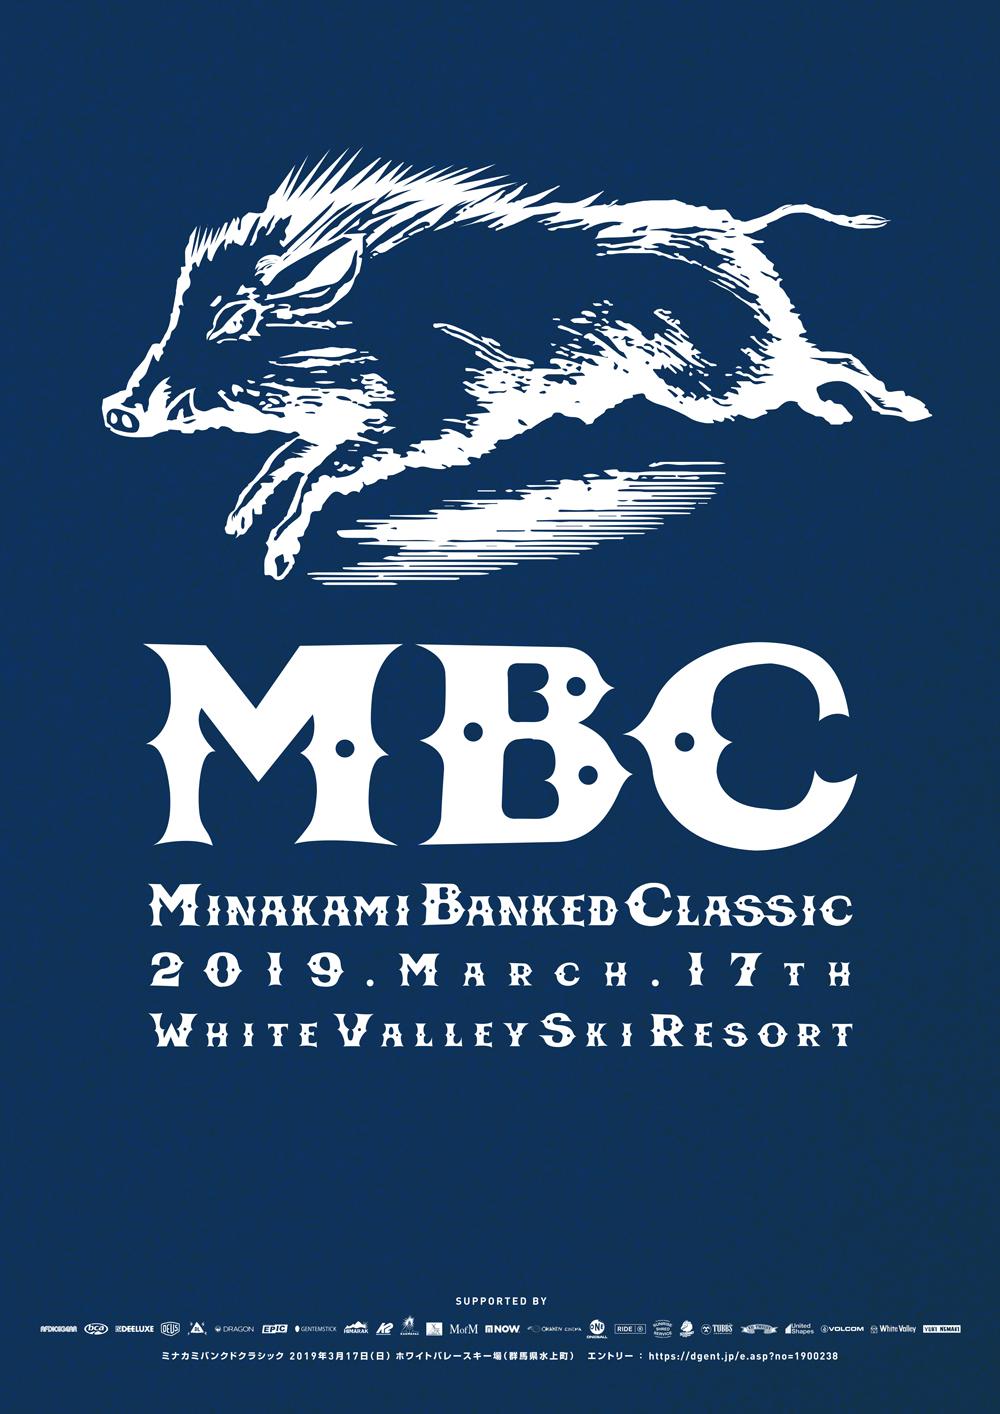 Minakami Banked Classic 2019